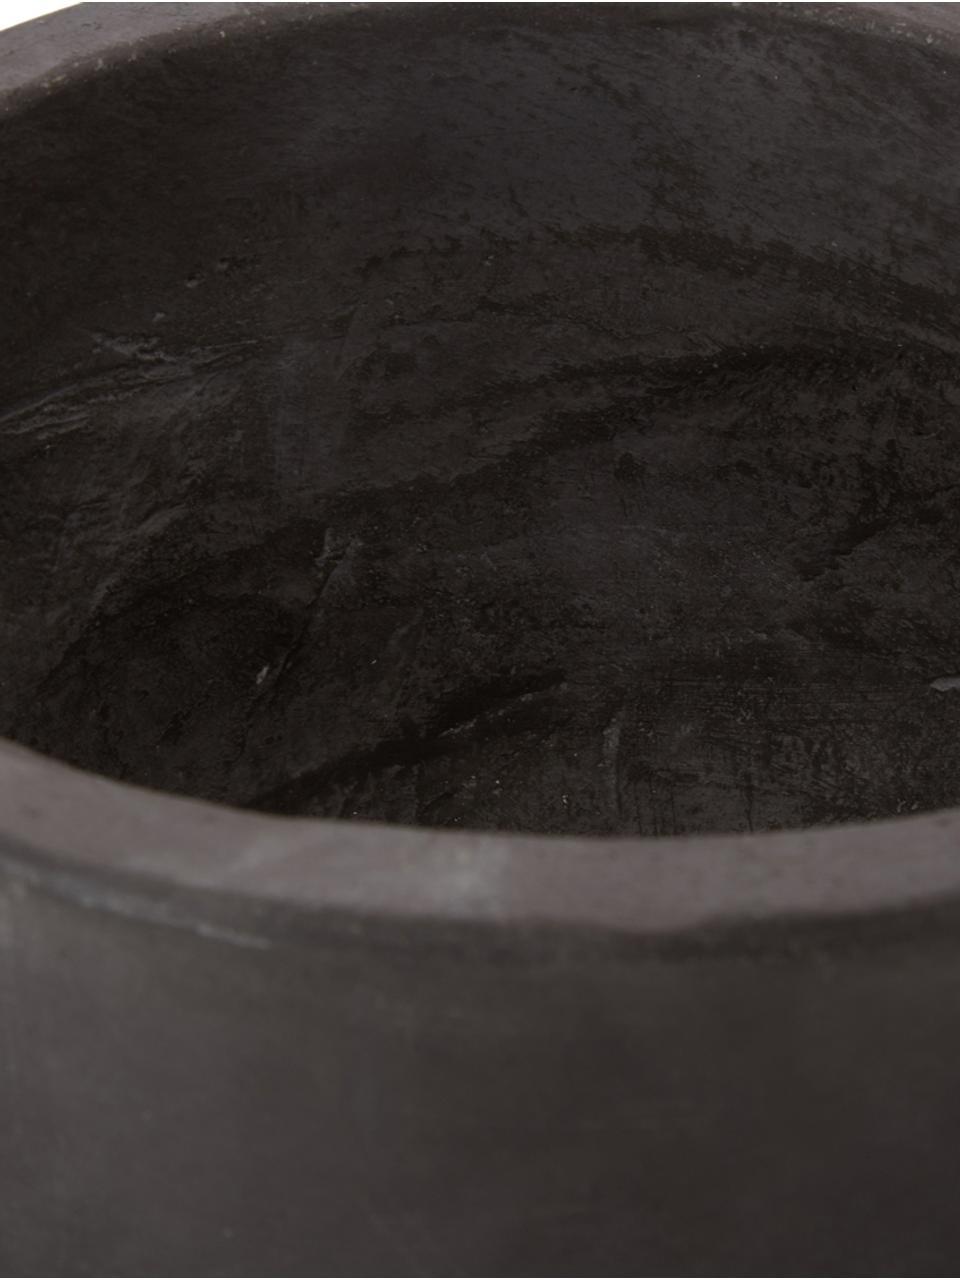 Duża osłonka na doniczkę z cementu Rom, Cement malowany, Czarny, Ø 23 x W 18 cm